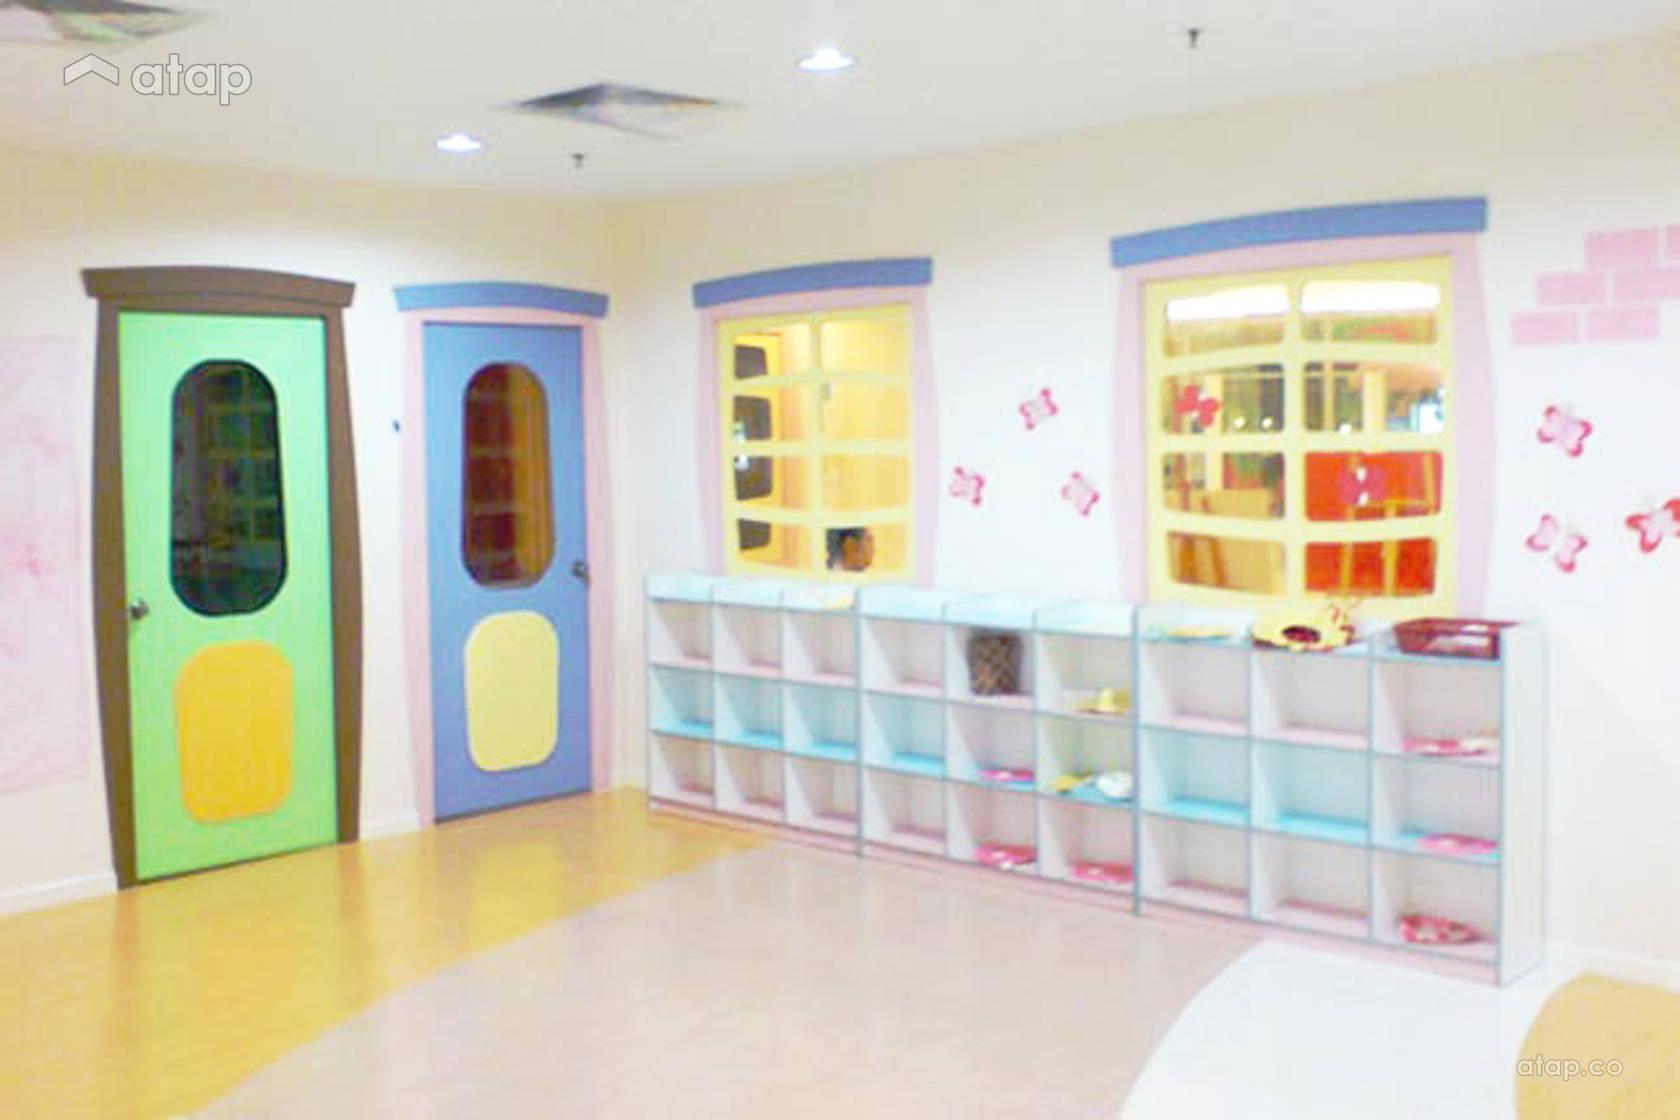 step ahead learners bangsar shopping centre interior design 1 6